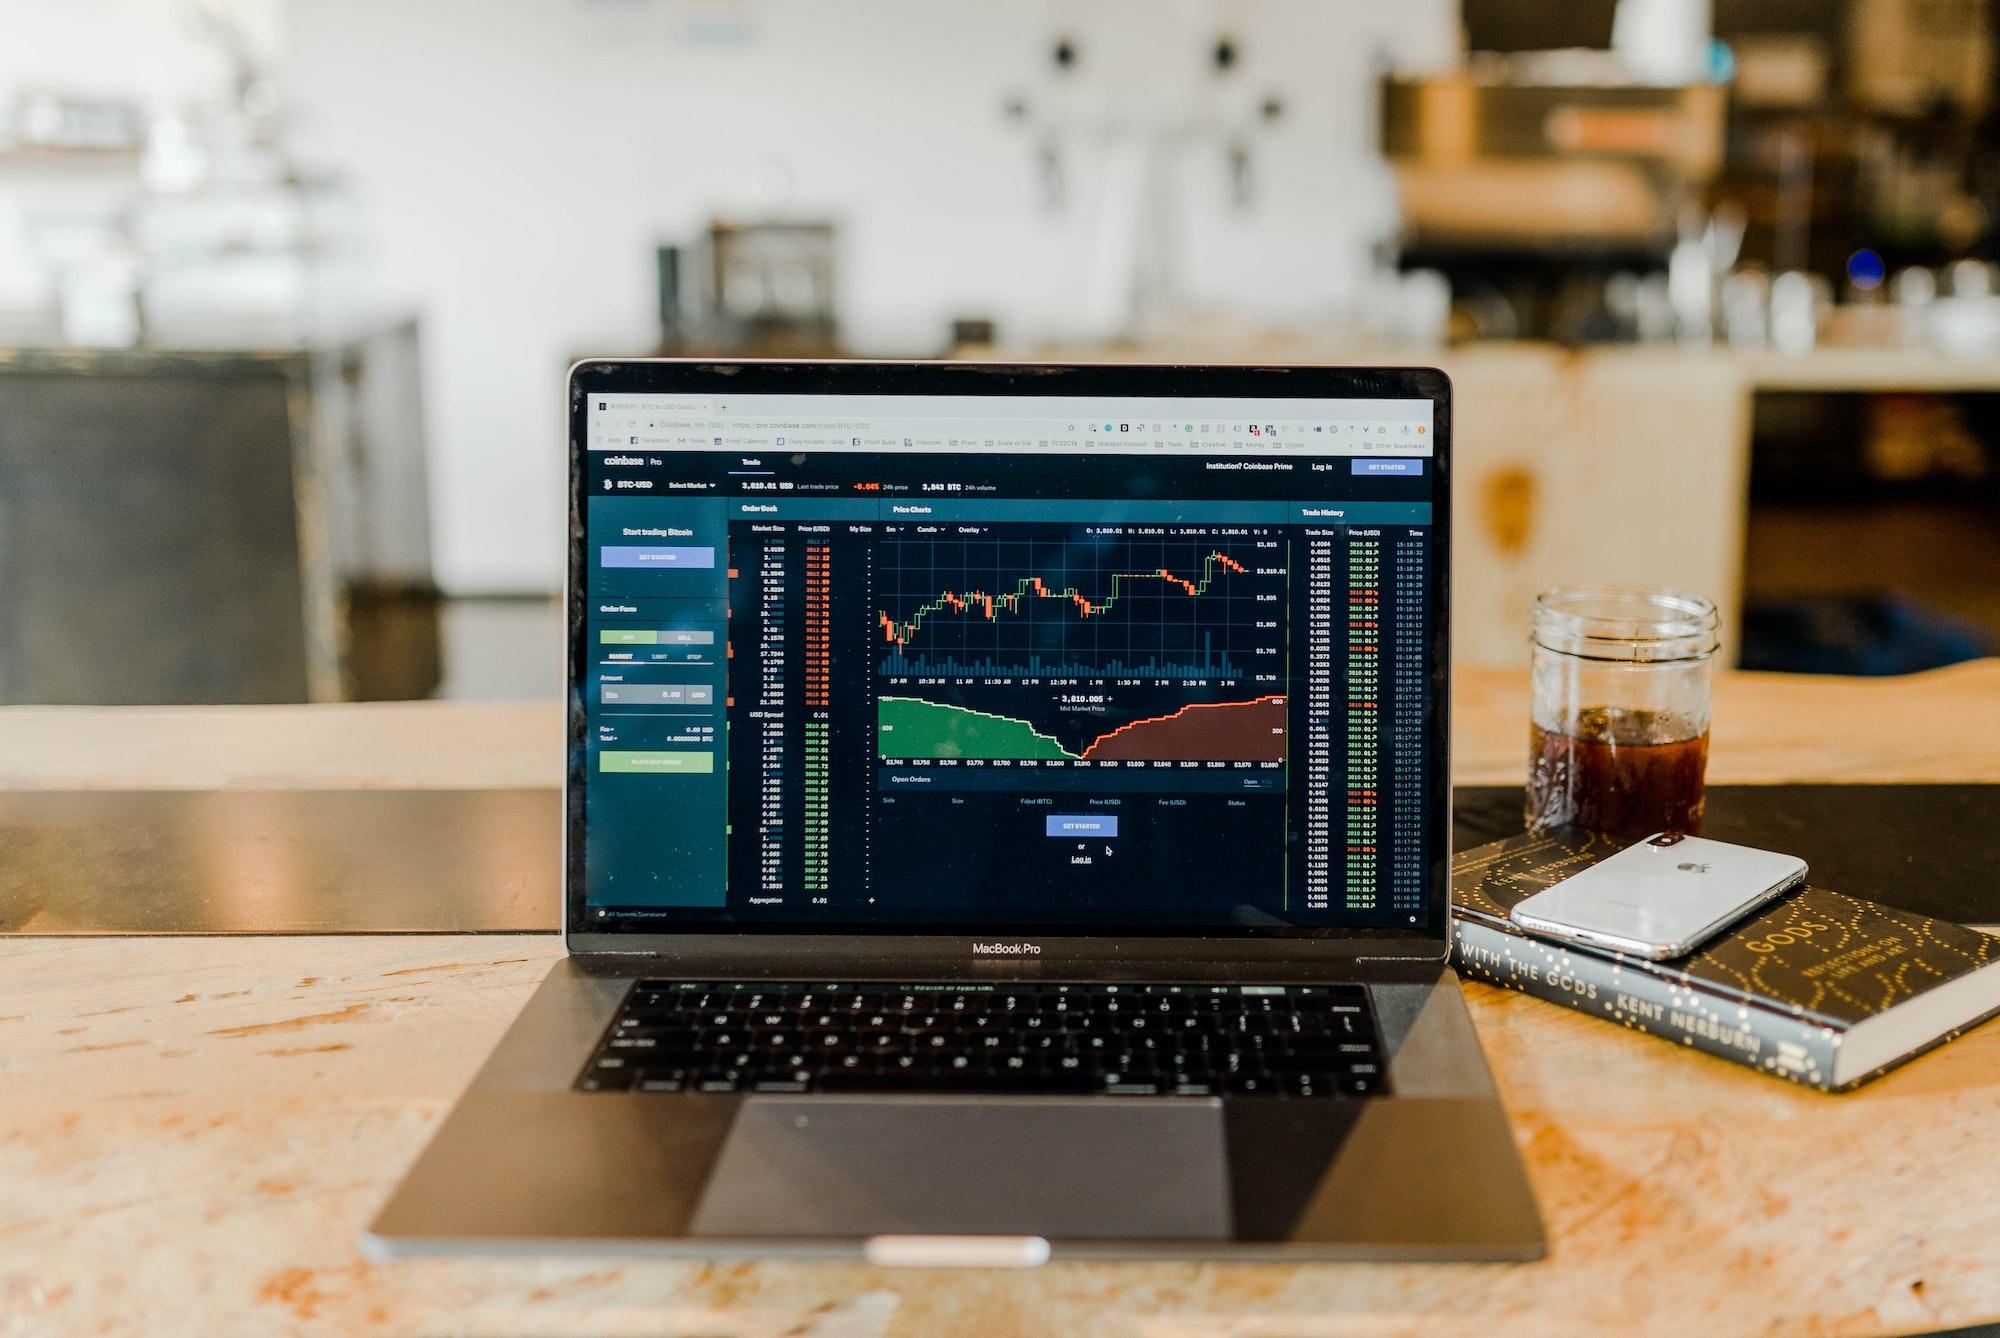 个人破产率飙升28%,贷款压力测试或放松